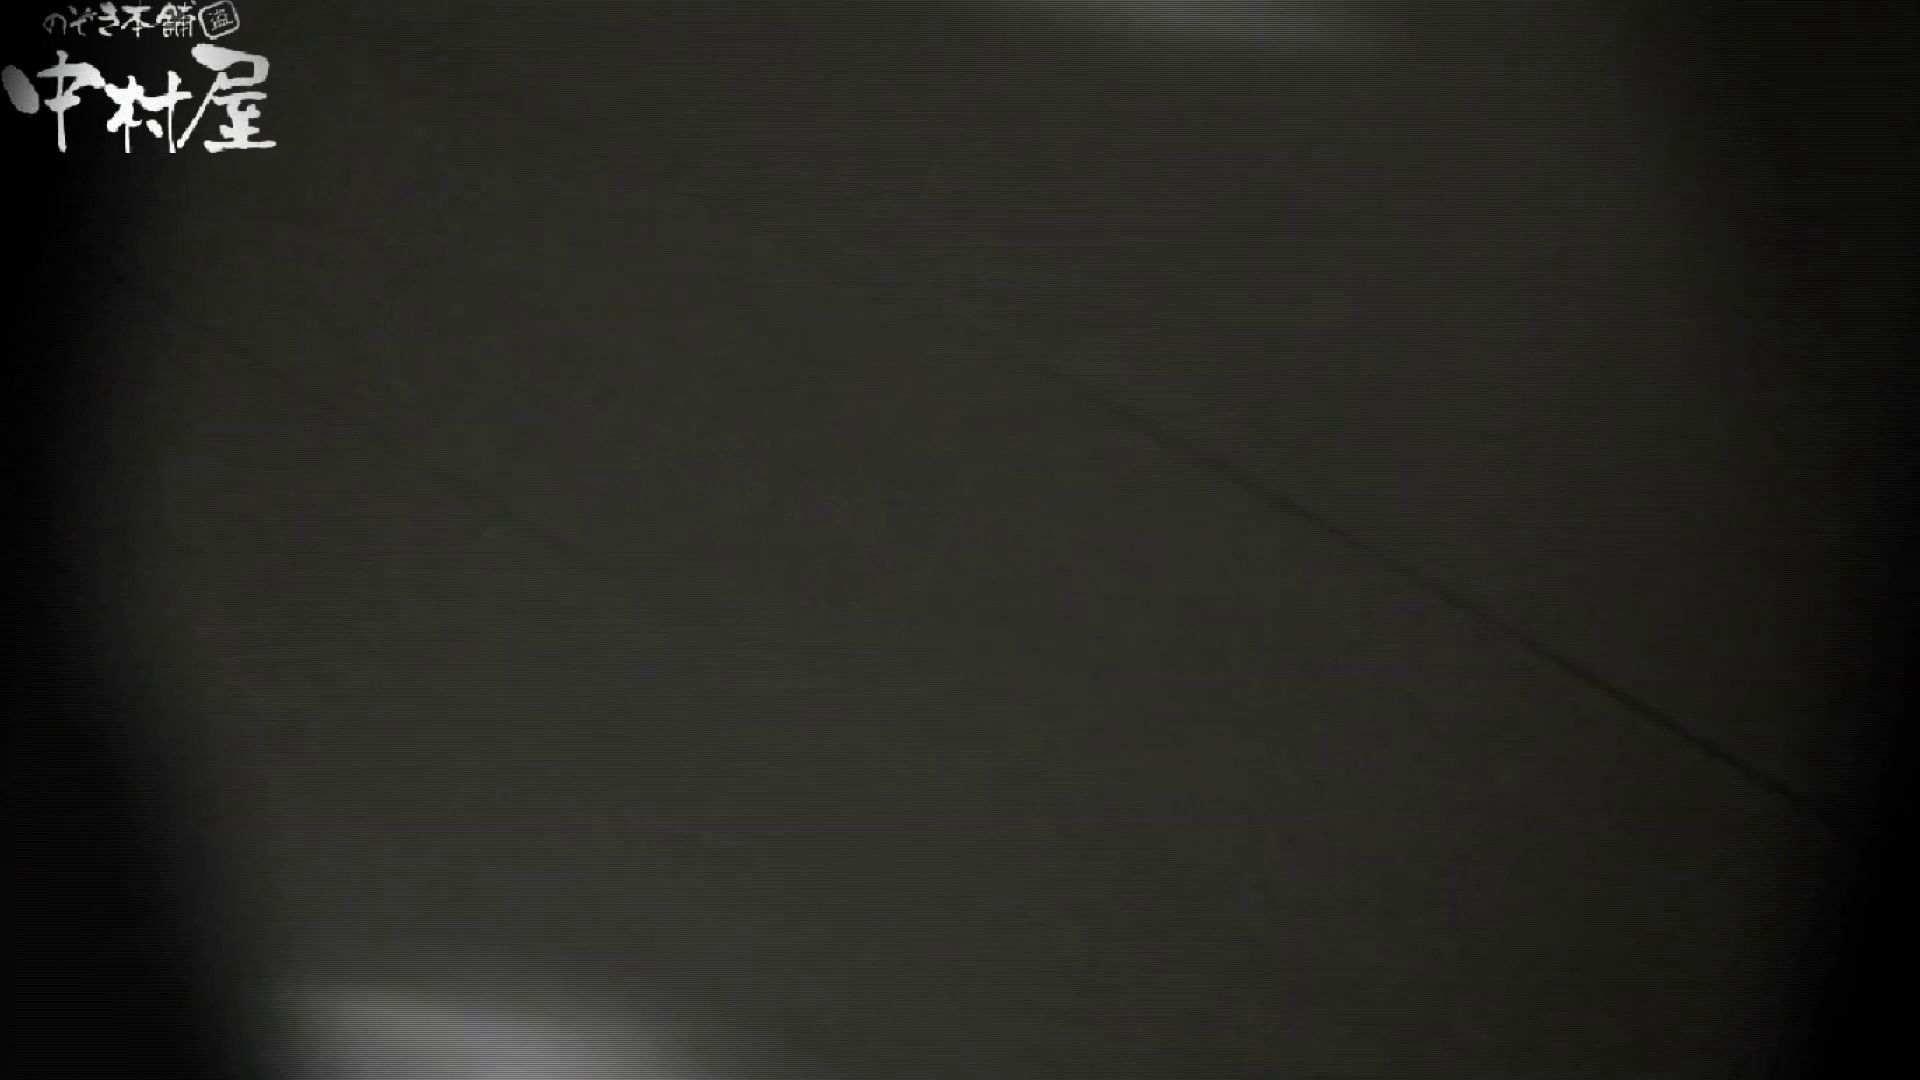 世界の射窓から vol.43 ソーニュー 前編 洗面所編  105PIX 42